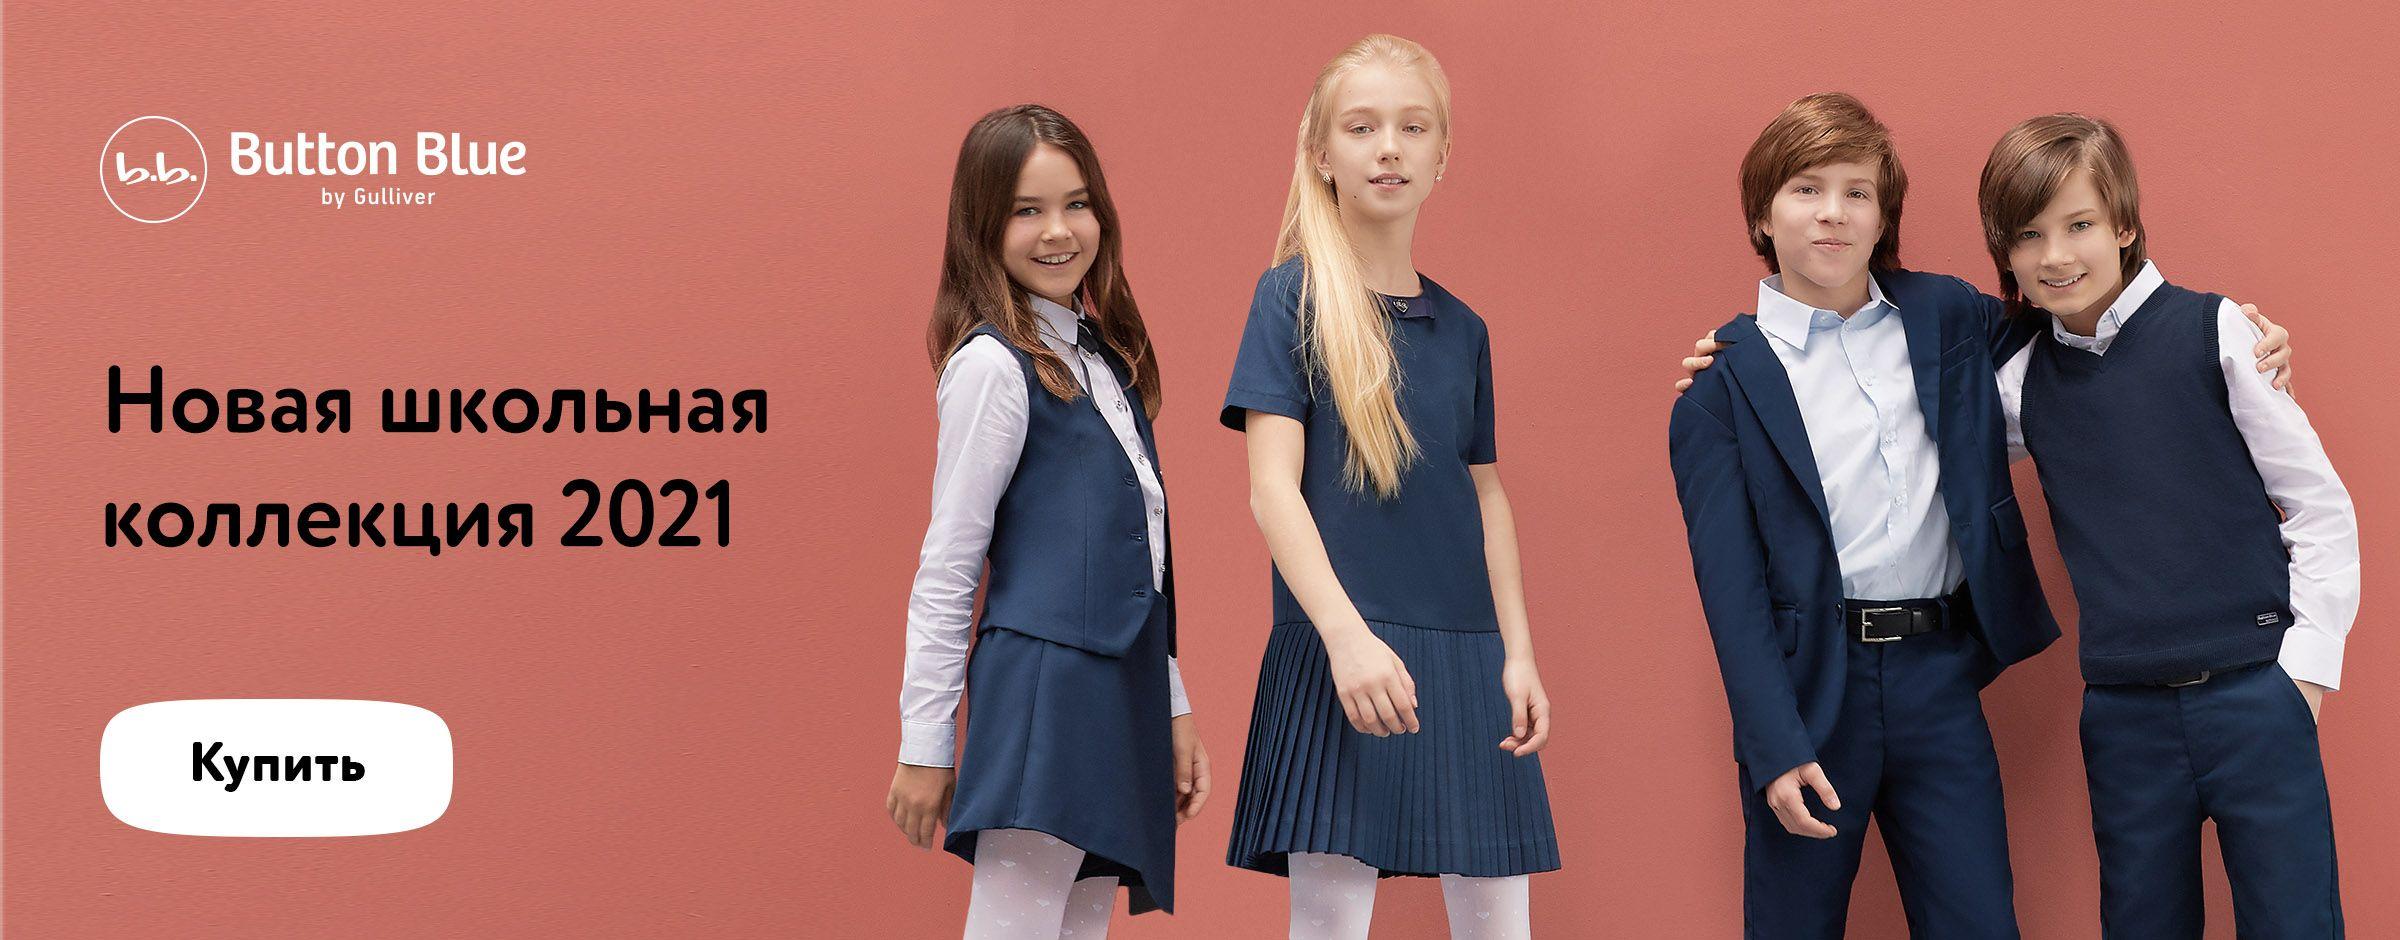 Новая школьная коллекция Button Blue